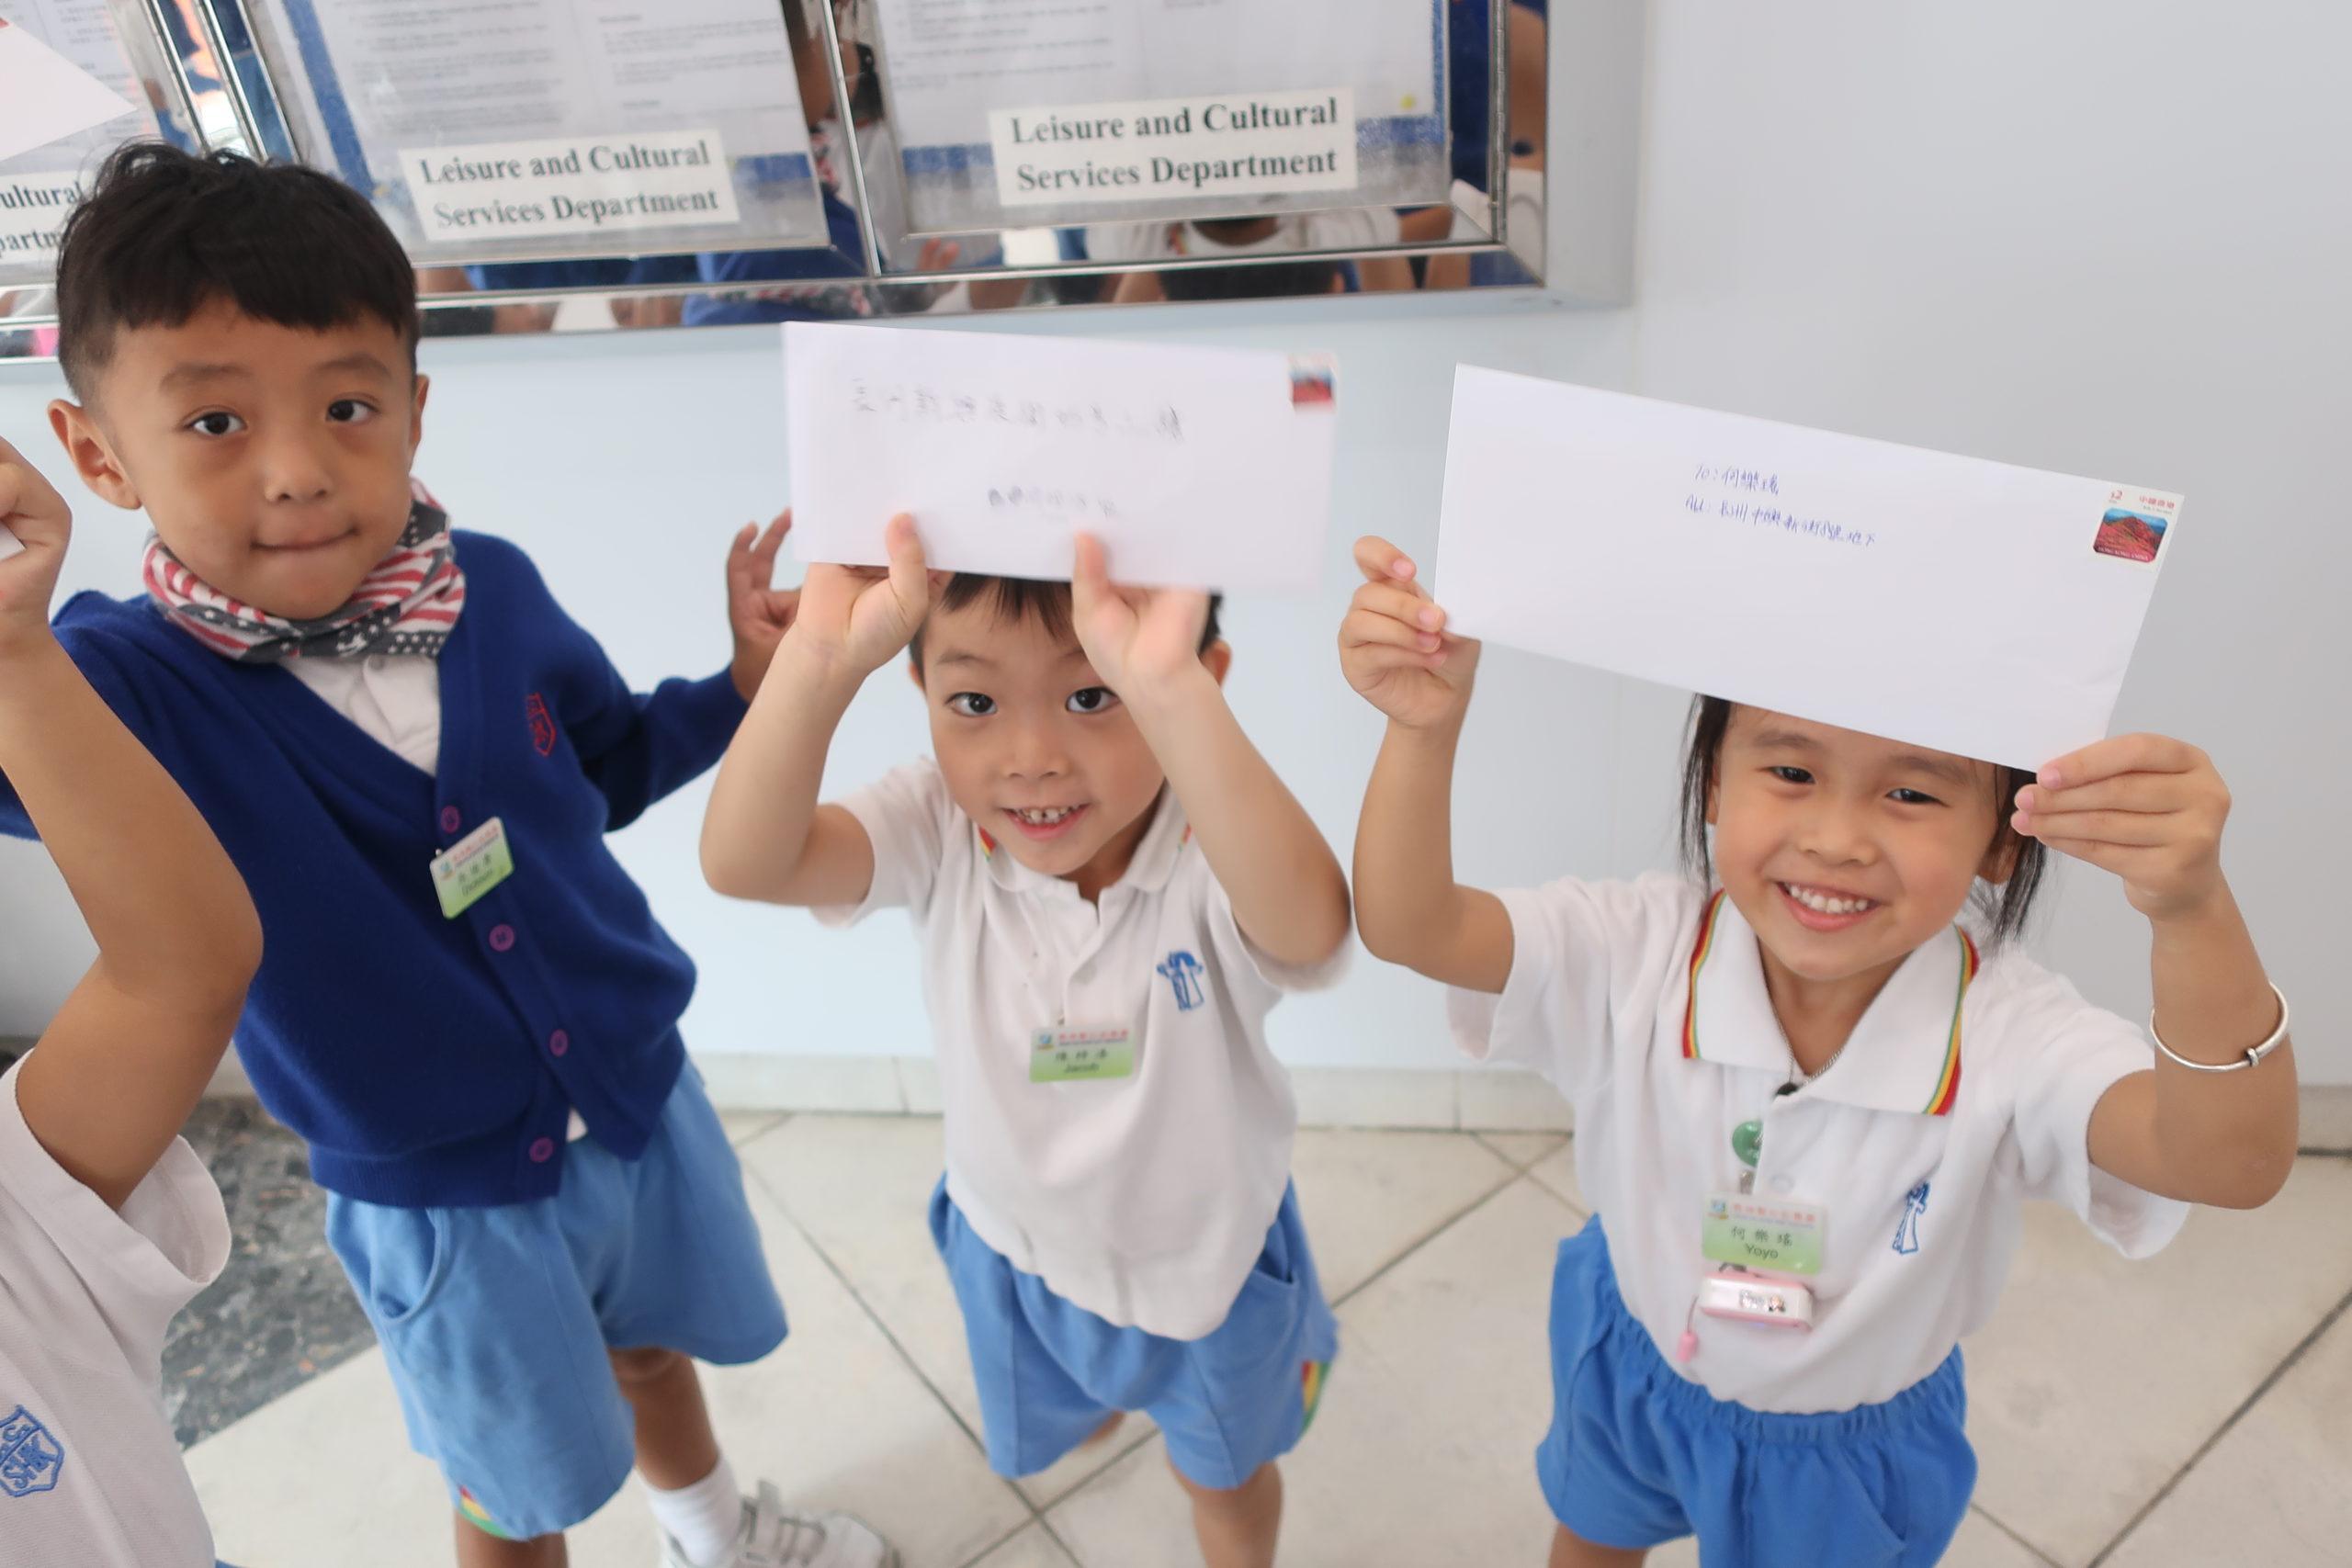 (19-20年度)2019-11-6–參觀長洲郵政局